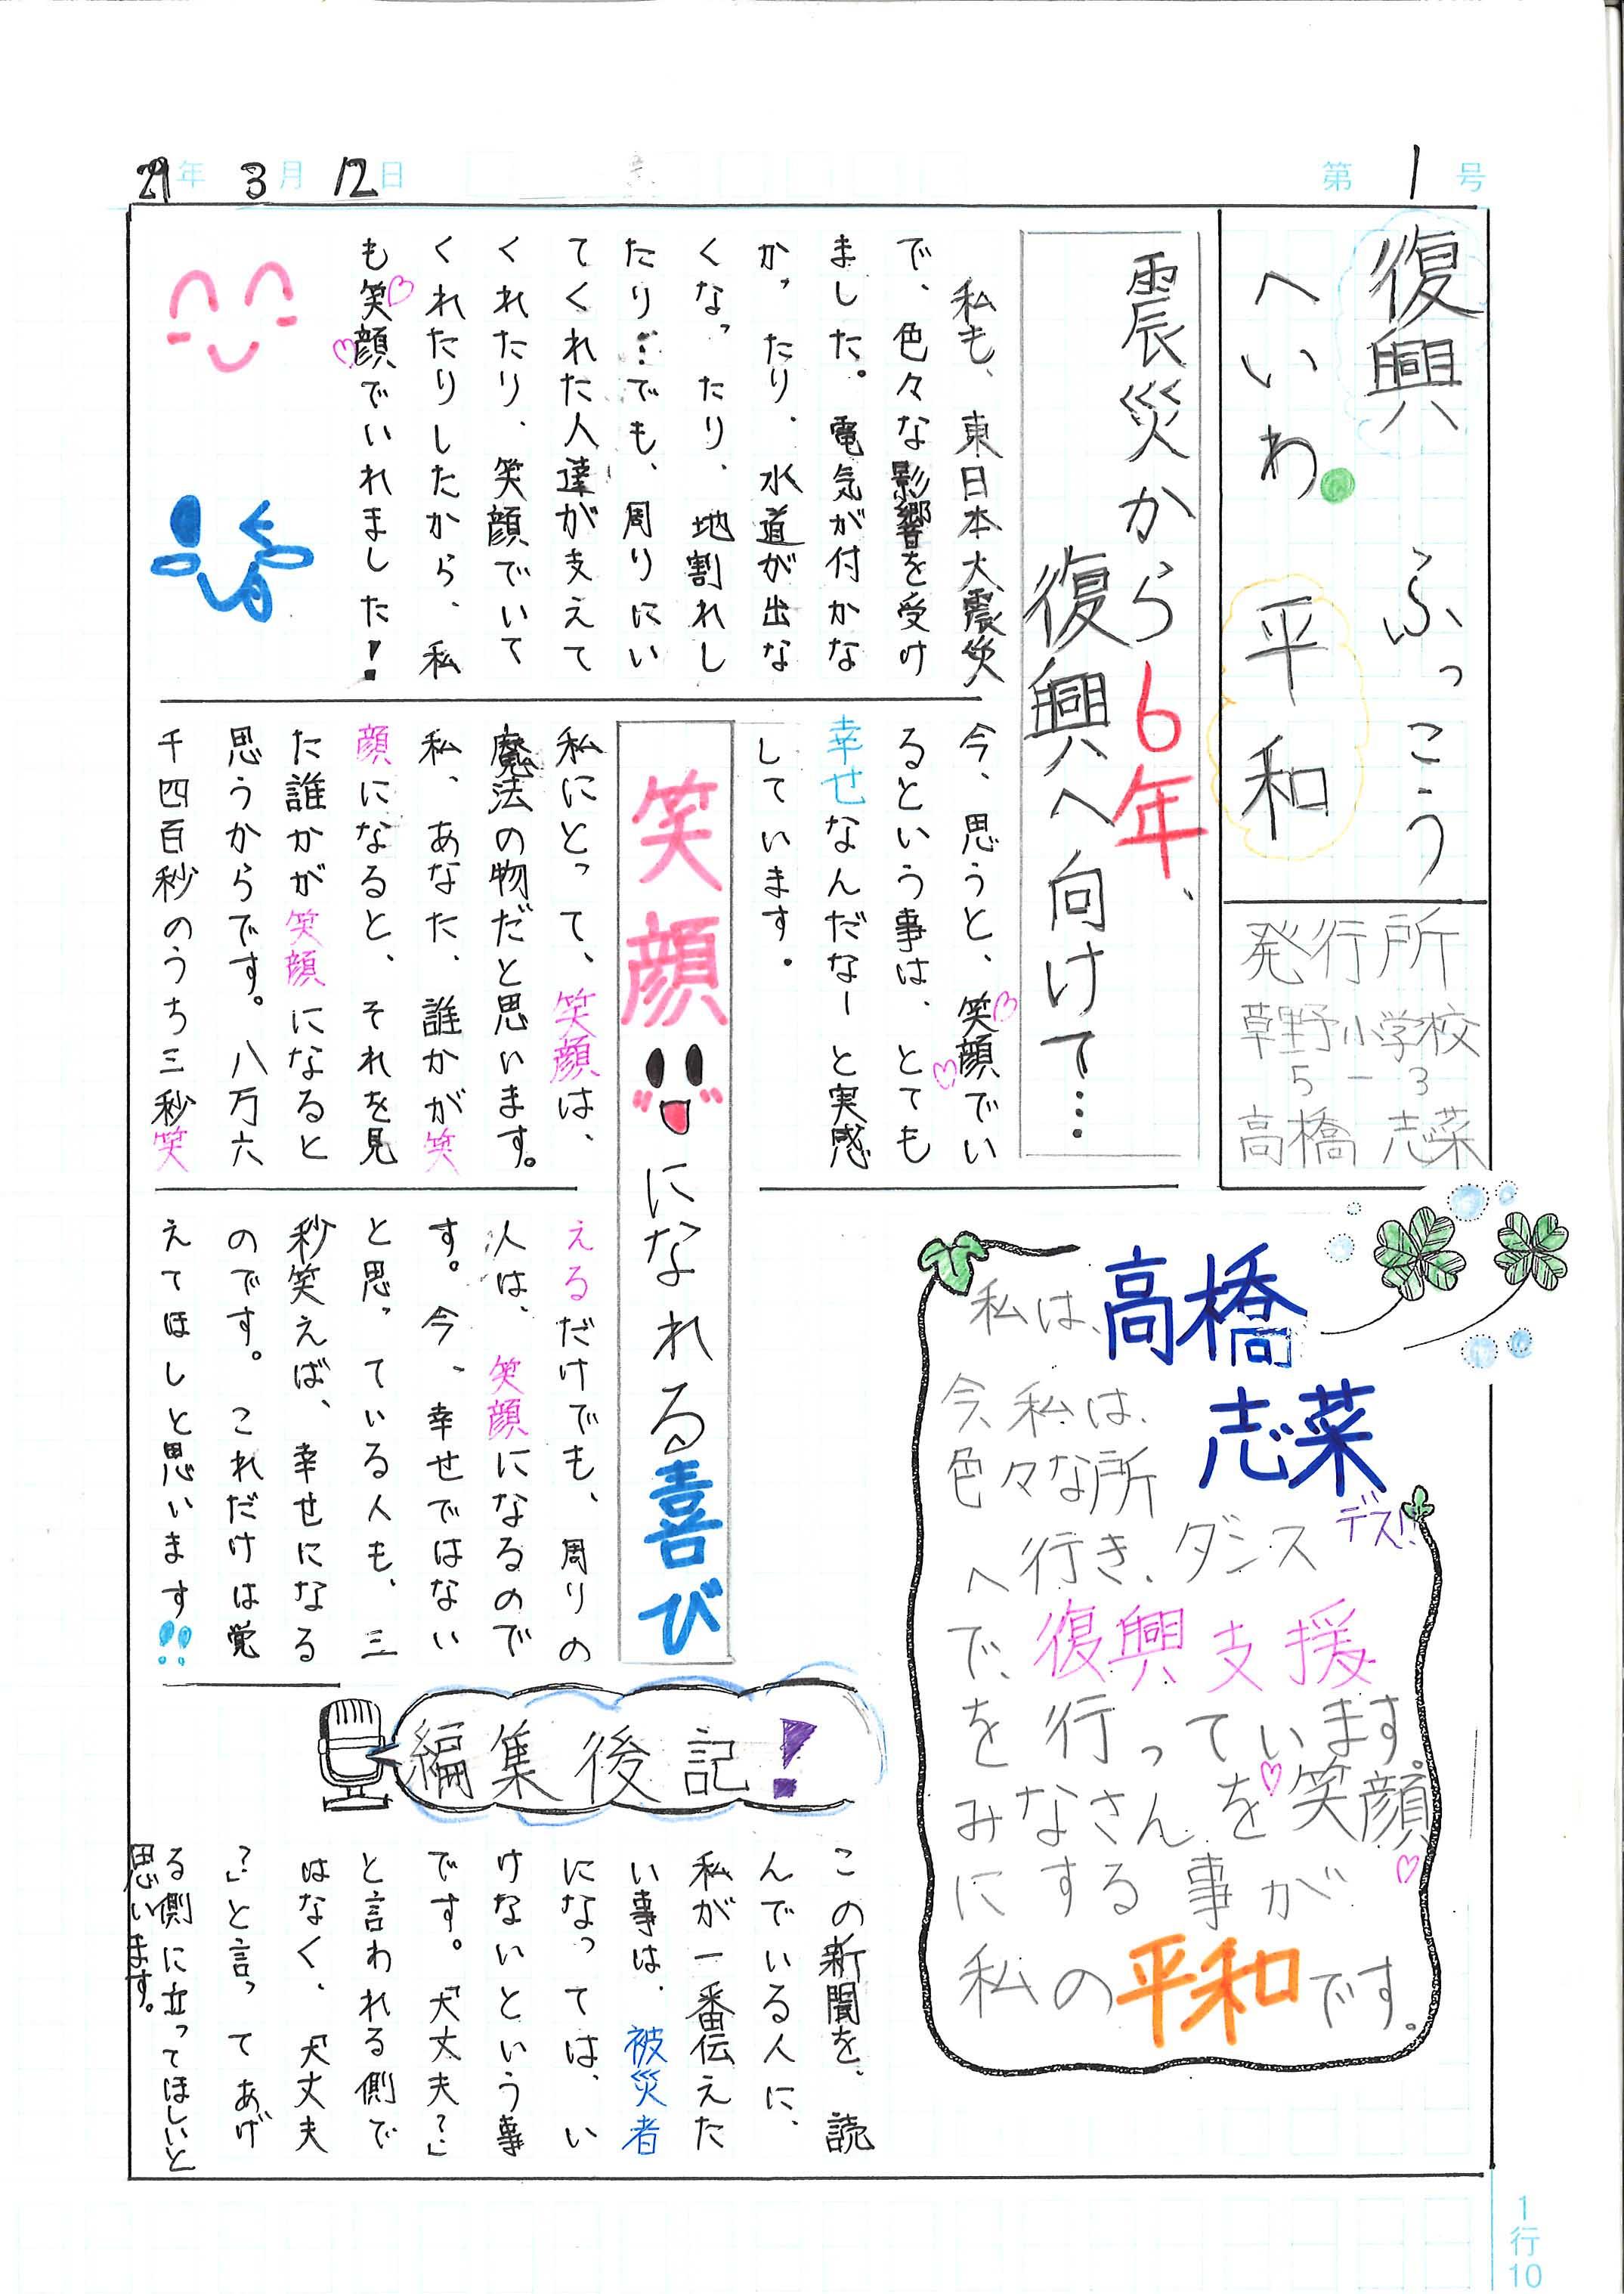 http://bunp.47news.jp/event/images/min1012_001.jpg